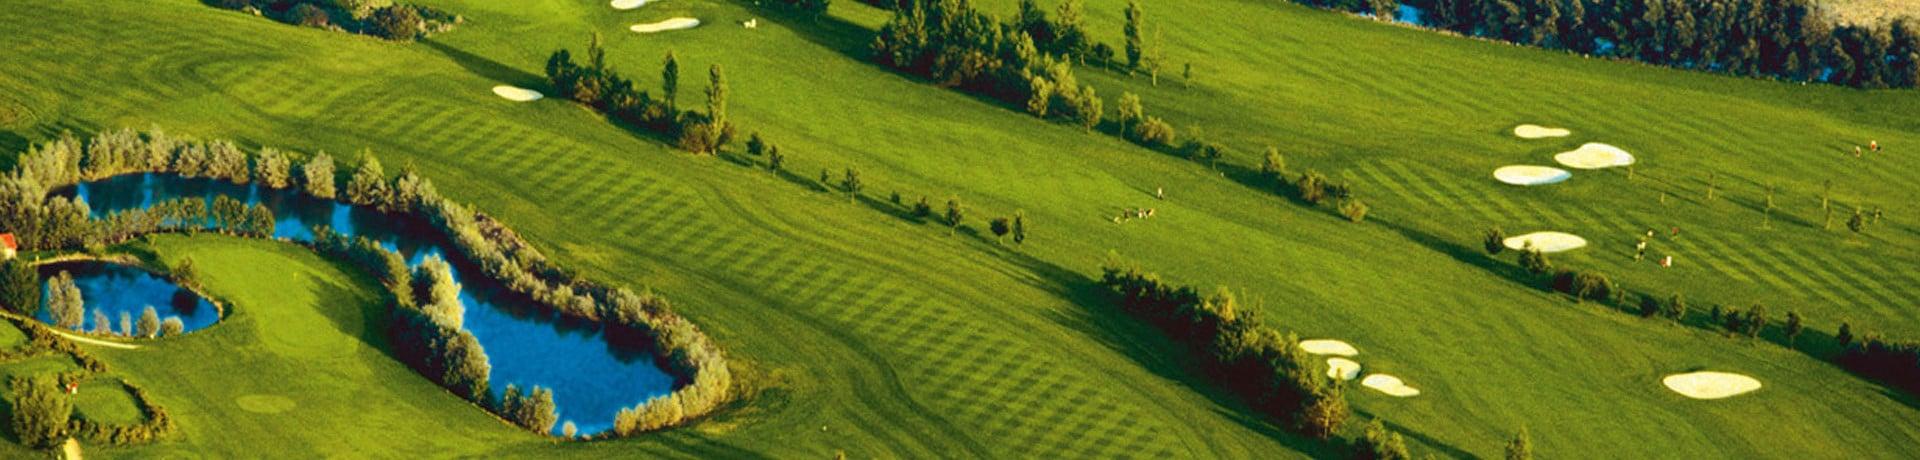 Golfplatz und Golfclub Sagmühle e.V. in Bad Griesbach